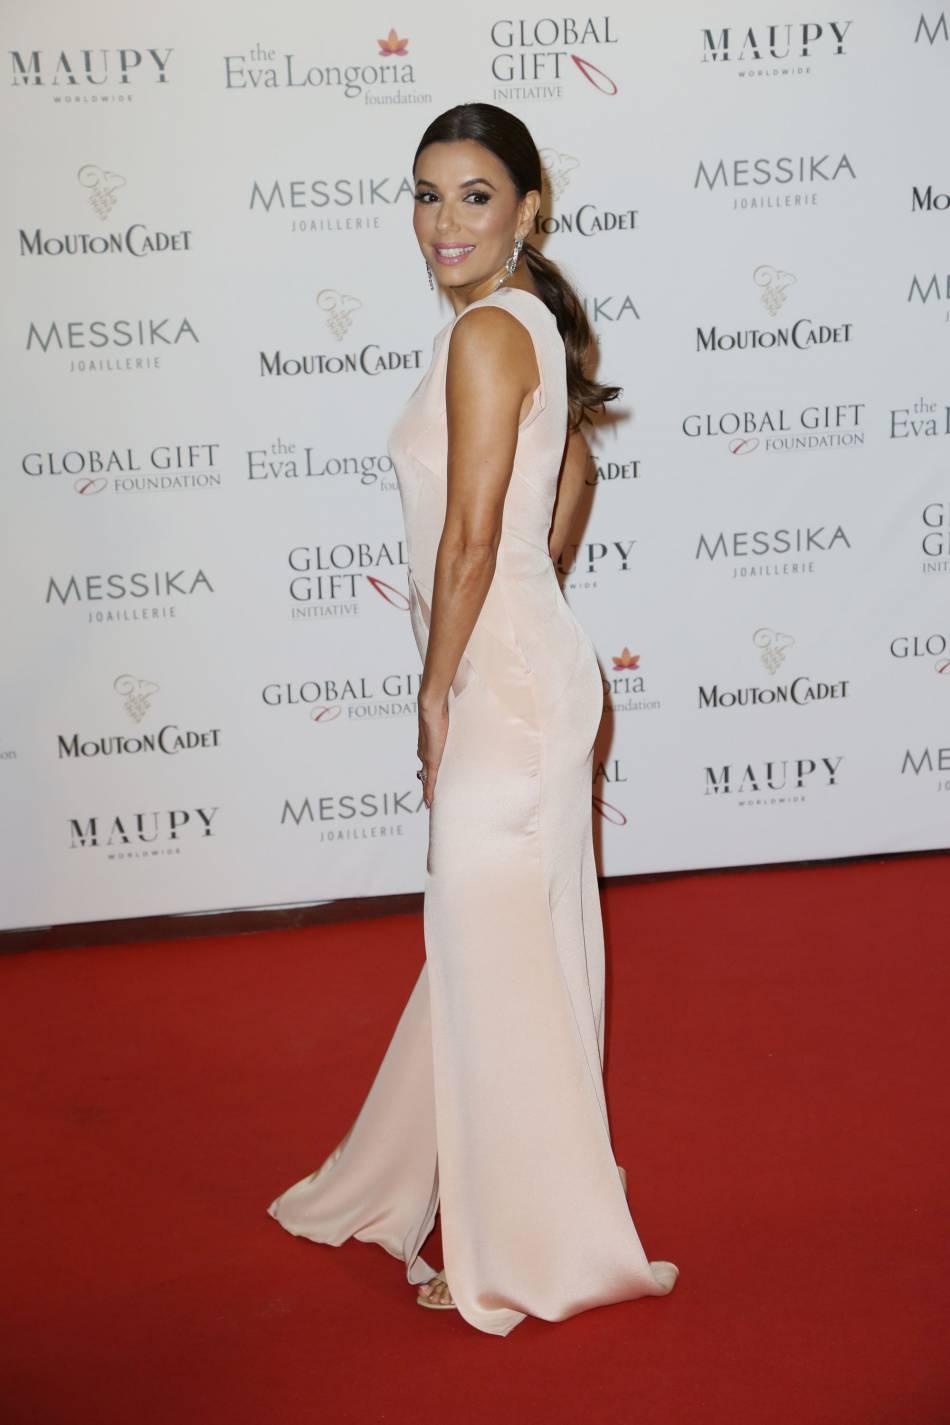 Eva Longoria reçoit la reconnaissance éternelle en intégrant les étoiles du Walk of Fame d'Hollywood.